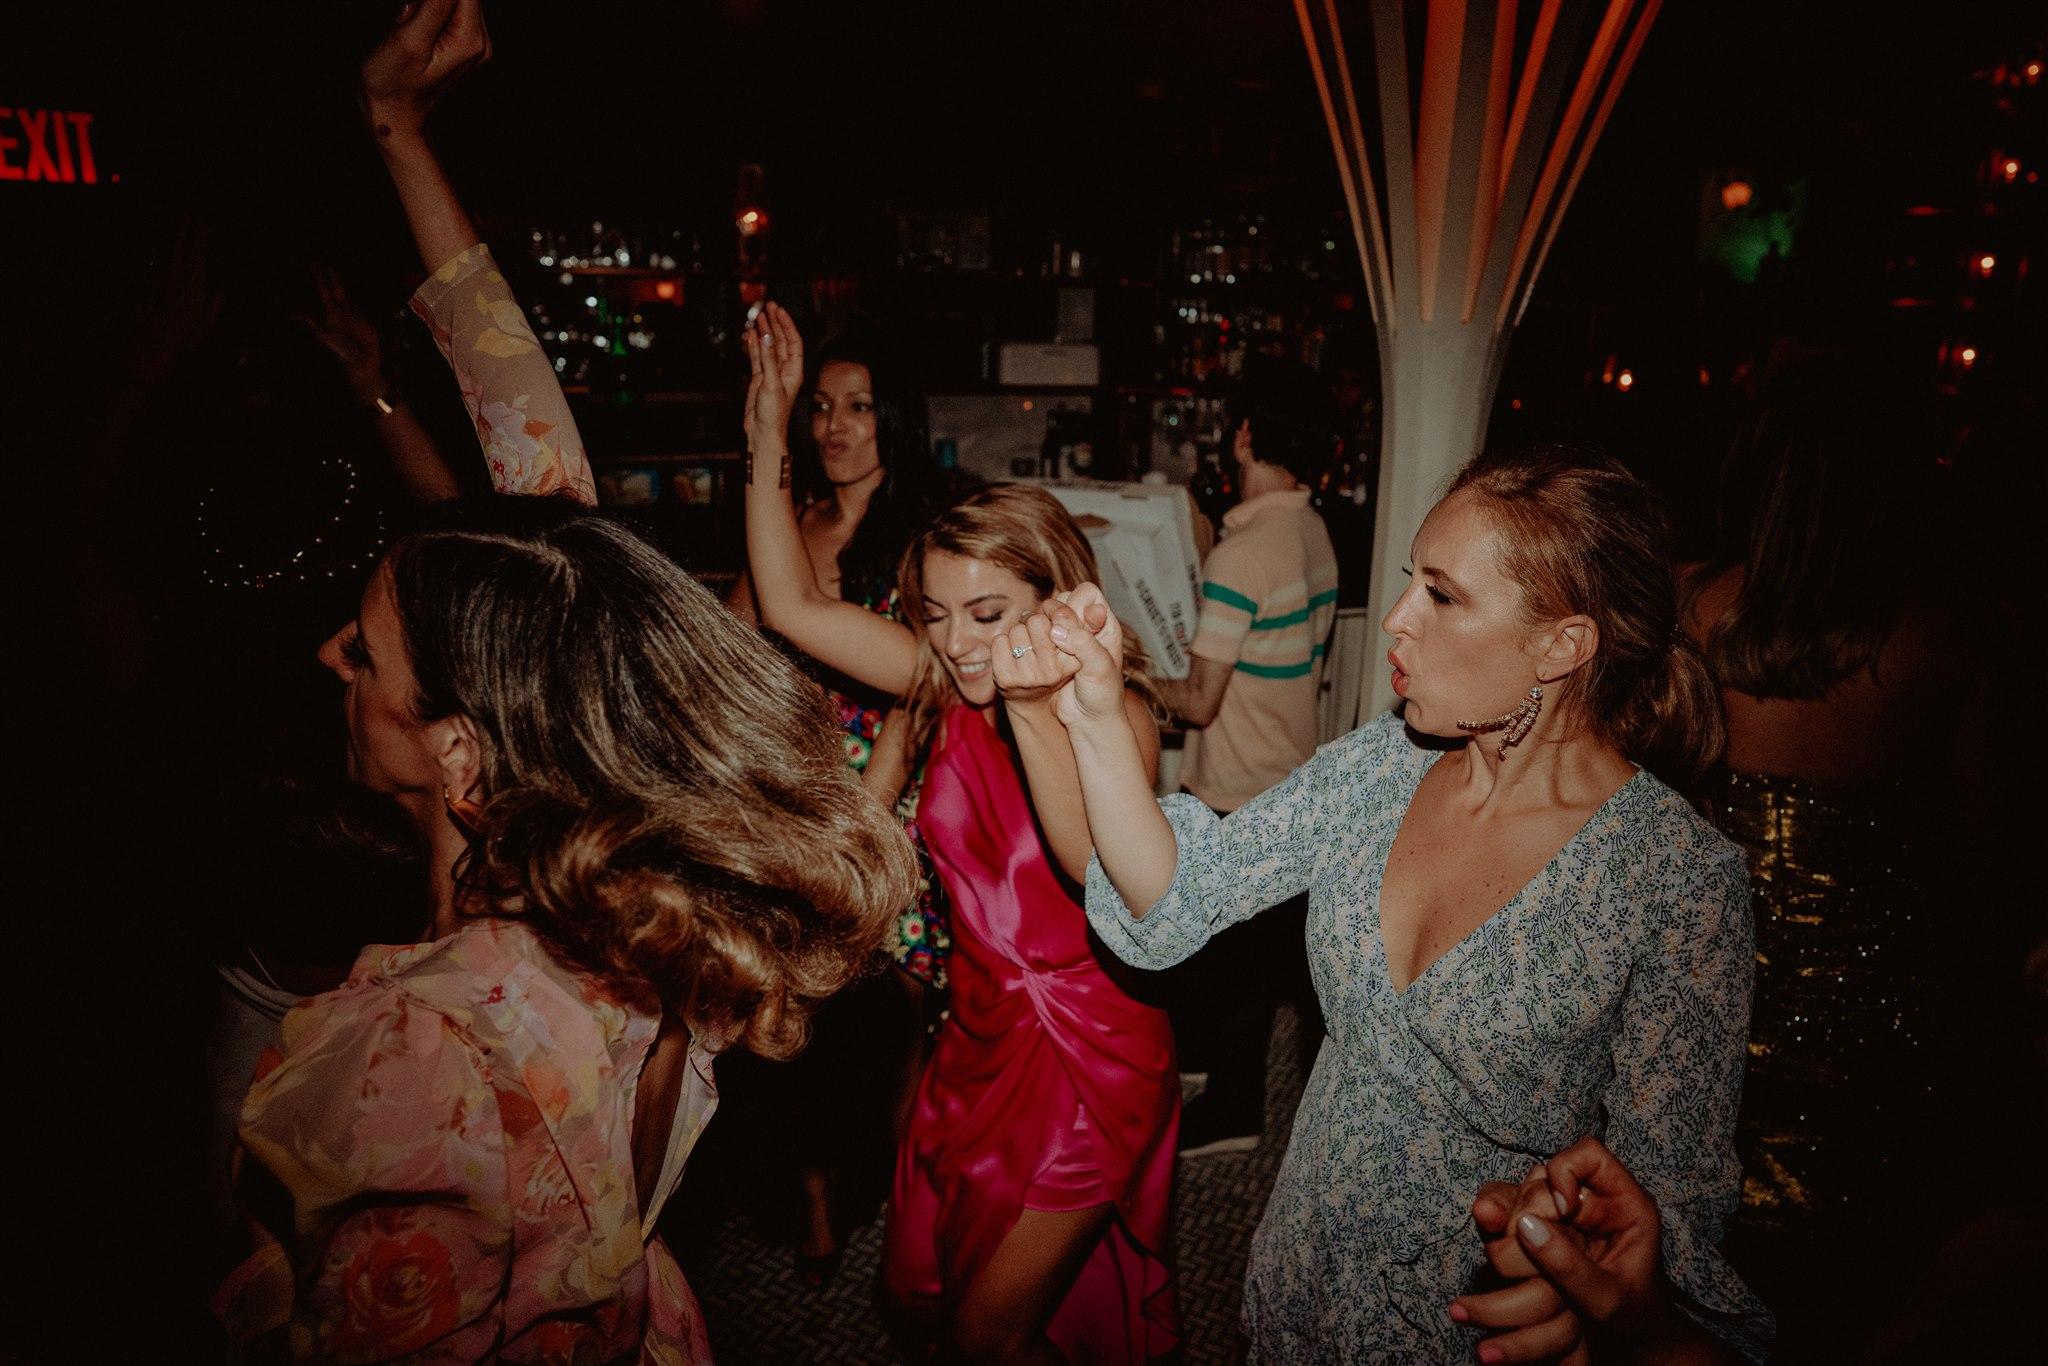 Chellise_Michael_Photography_Ramona_Brooklyn_Wedding_Photographer-792.jpg